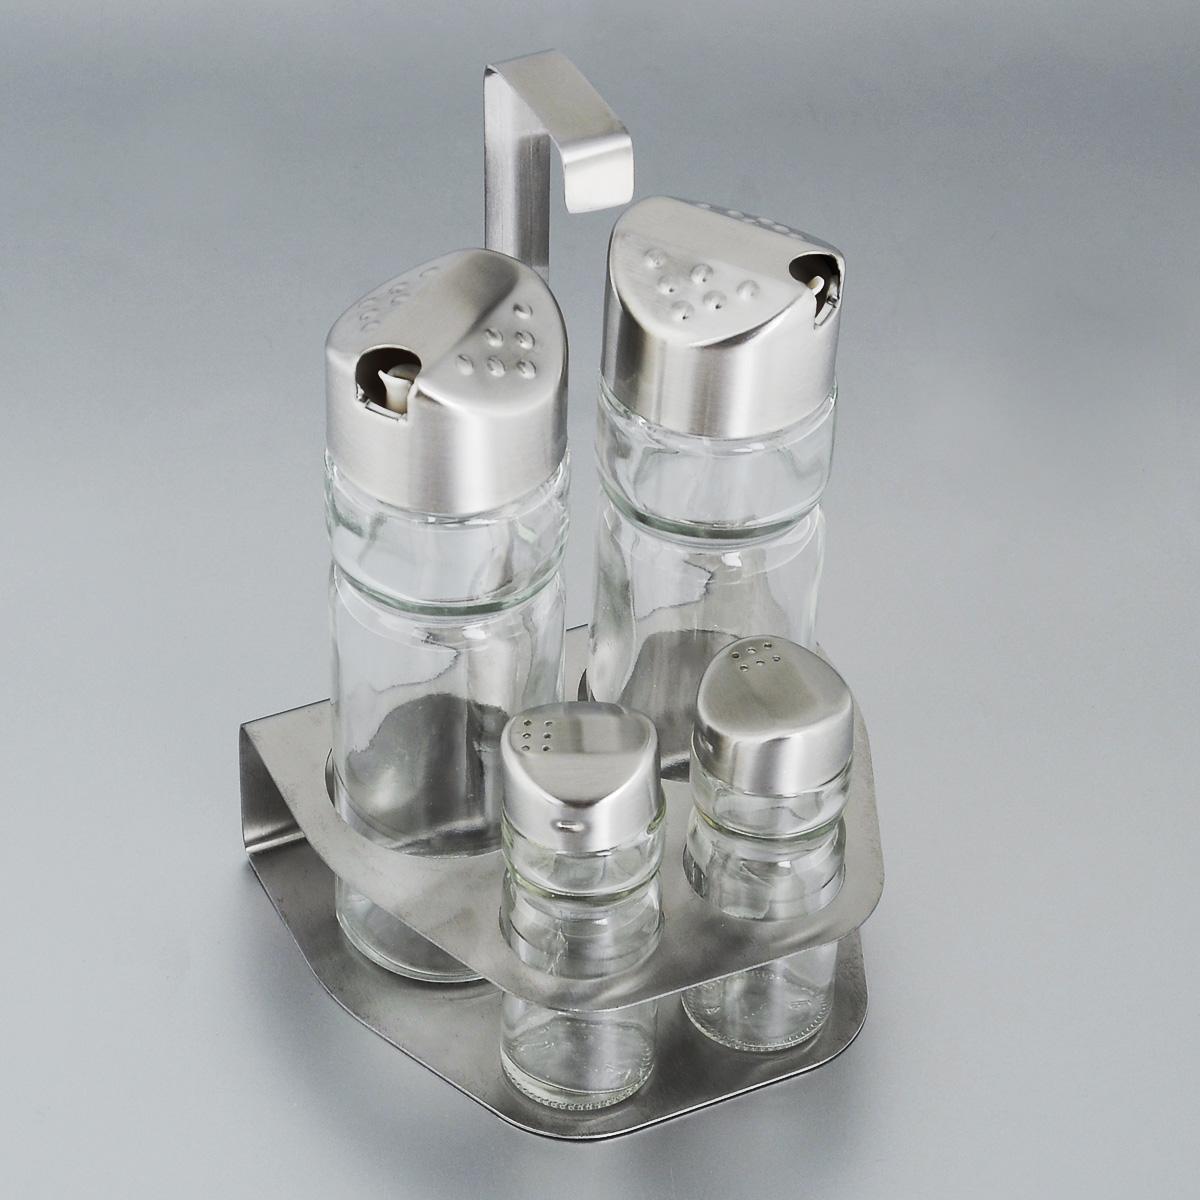 Набор для специй Bekker, 5 предметов. BK-3097BK-3097Набор для специй Bekker состоит из солонки, перечницы, двух дозаторов для масла и уксуса и подставки. Емкости выполнены из стекла и оснащены металлическими крышками. В комплекте имеется подставка из нержавеющей стали с матовой полировкой. Такой набор стильно украсит кухонный стол, а благодаря качеству материалов и высококлассной обработке прослужит долгие годы. Высота солонки/перечницы: 9 см. Диаметр солонки/перечницы: 3 см. Объем дозаторов: 150 мл. Высота дозаторов: 16 см. Диаметр дозаторов: 5 см. Размер подставки (ДхШхВ): 12,5 см х 11 см х 19,5 см. Высота солонки/перечницы: 9 см. Диаметр солонки/перечницы: 3 см. Объем дозаторов: 150 мл. Высота дозаторов: 16 см. Диаметр дозаторов: 5 см. Размер подставки (ДхШхВ): 12,5 см х 11 см х 19,5 см.